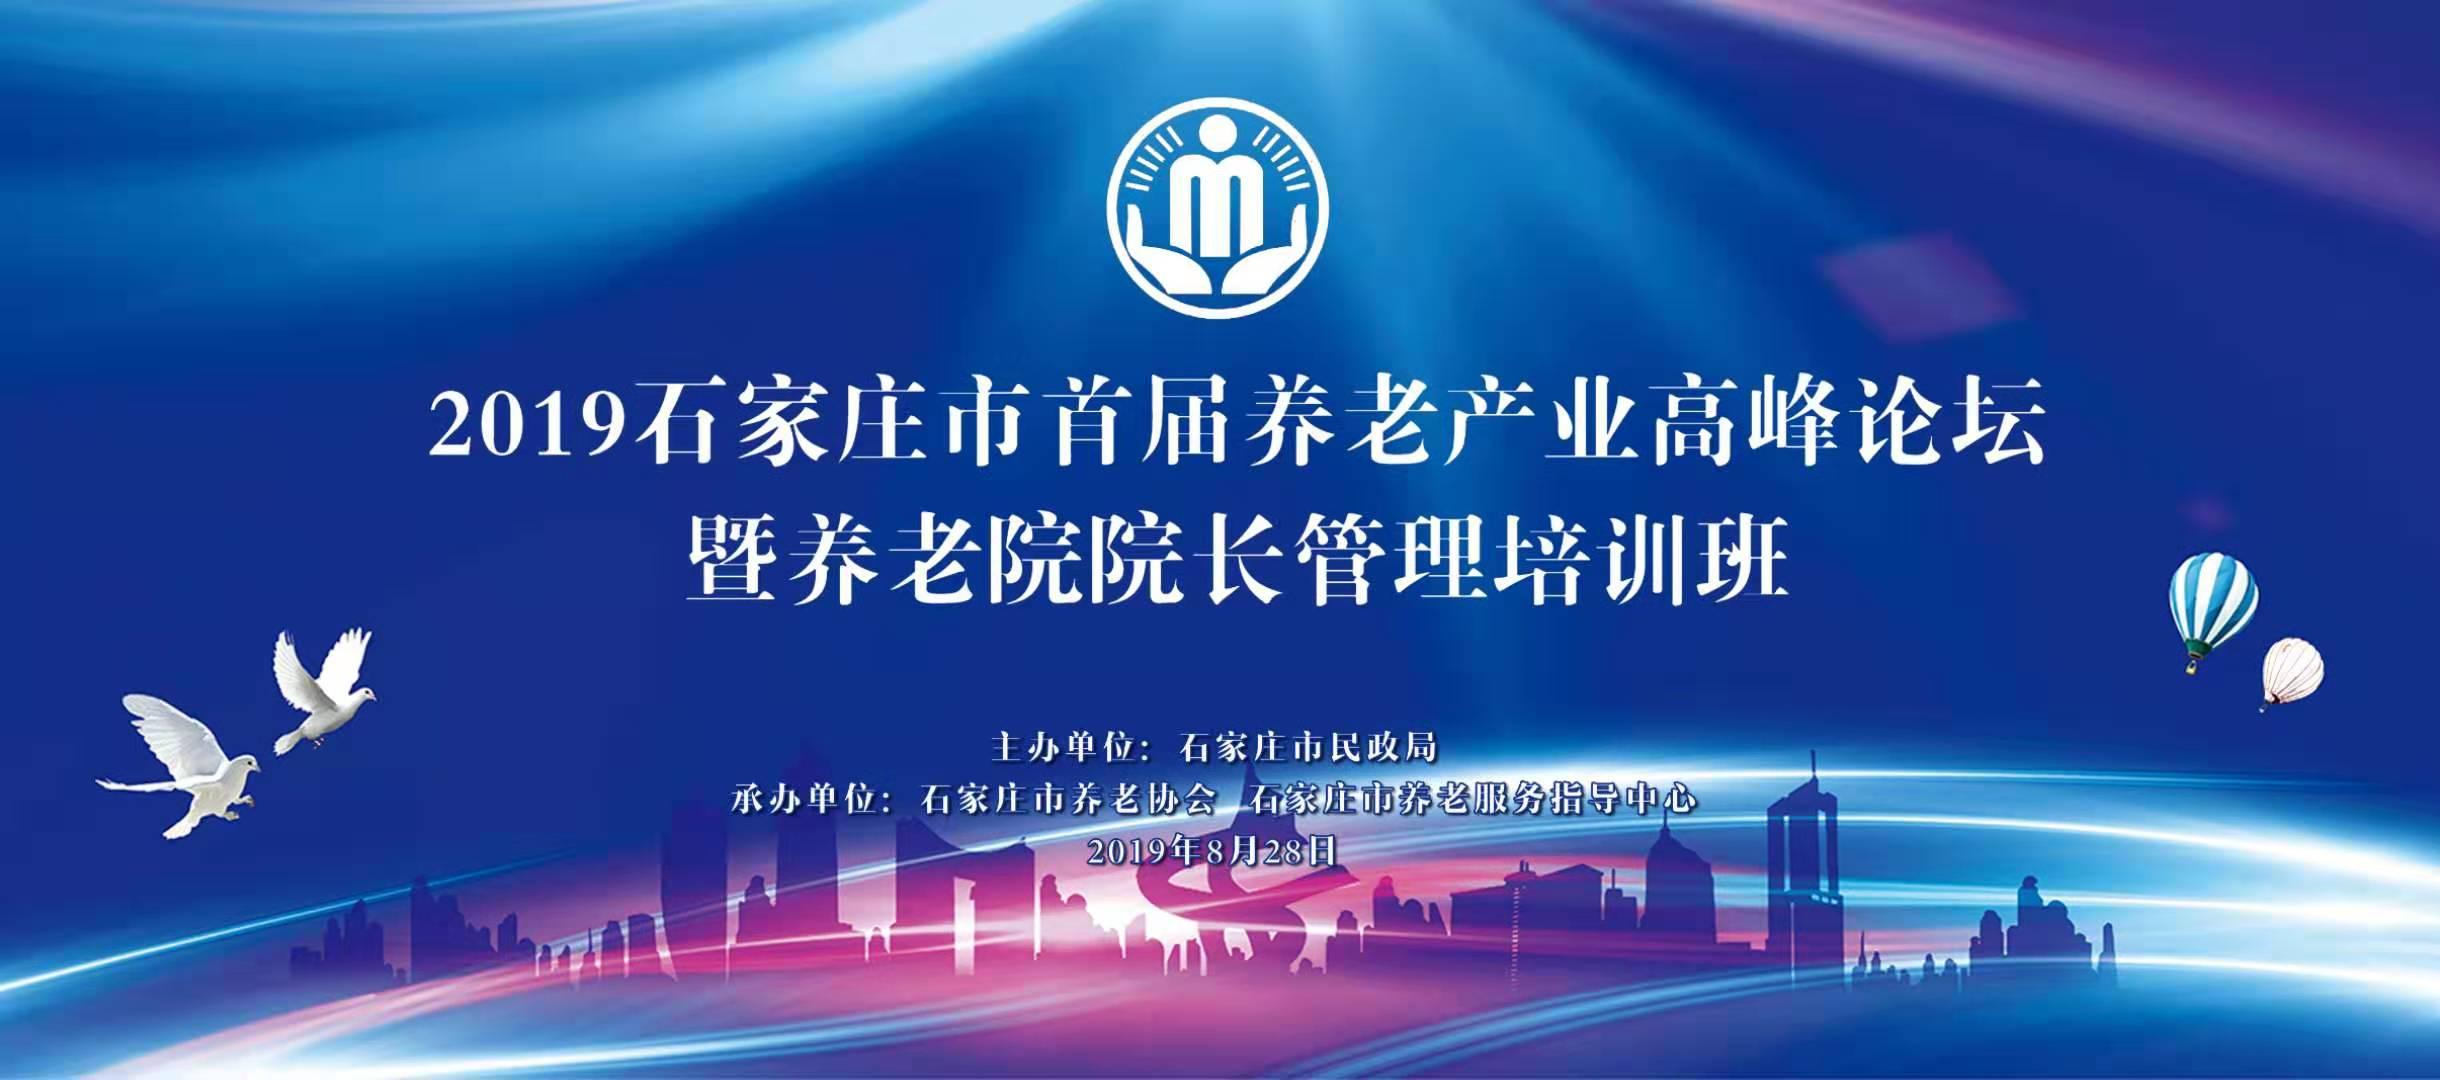 石家庄市首届养老产业高峰论坛成功举办